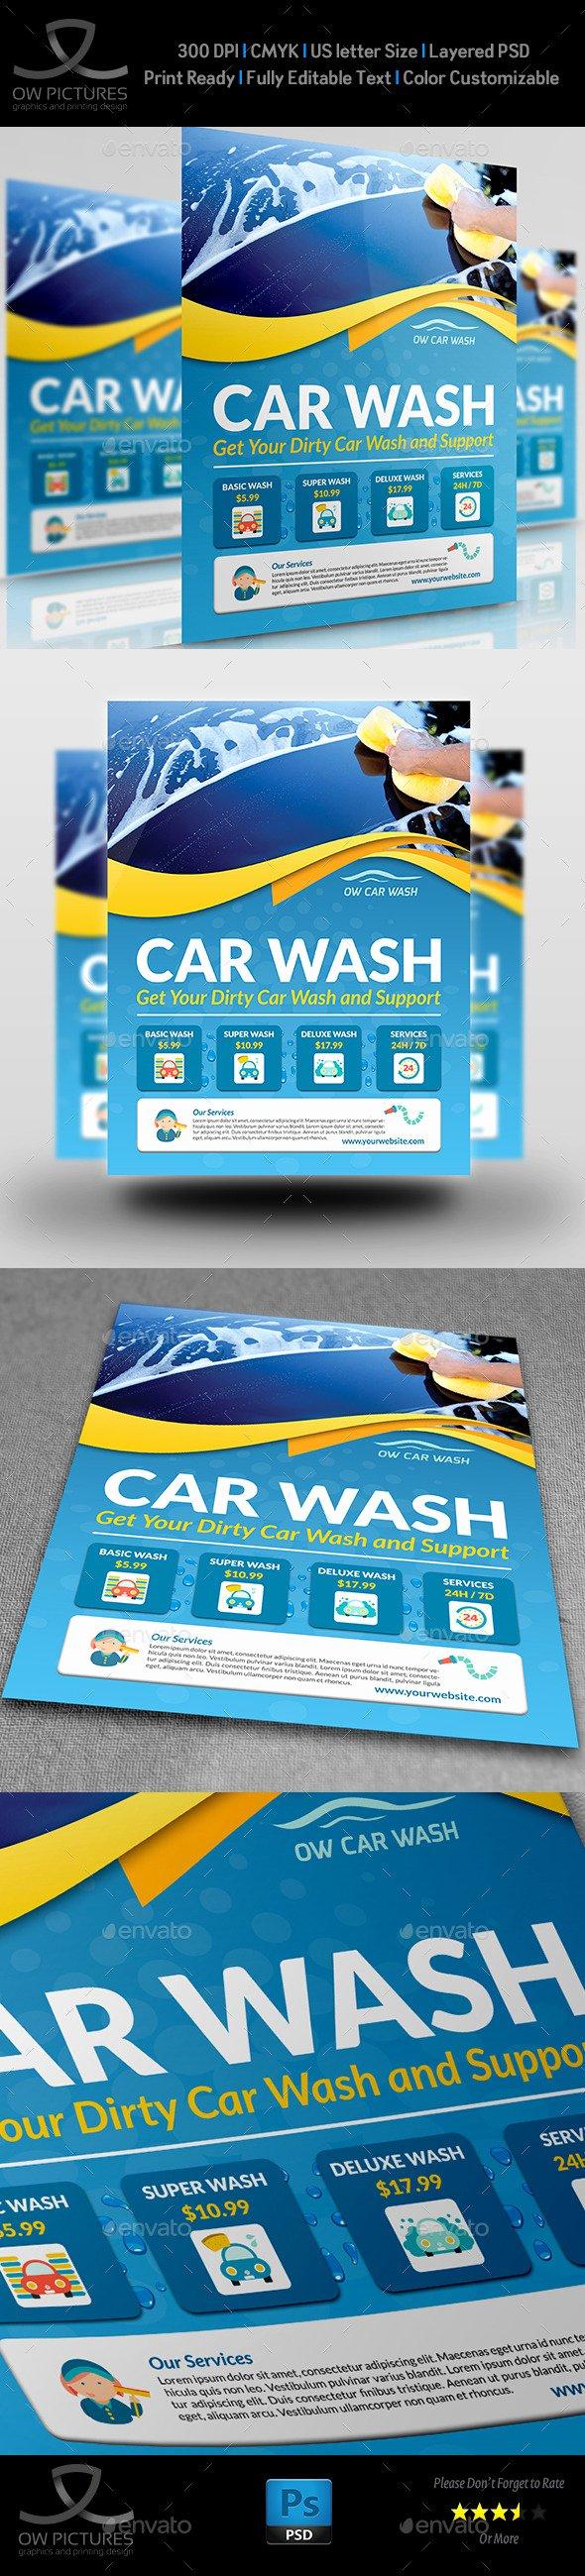 Car Wash Flyers Template Unique Car Wash Services Flyer Templates Brochure